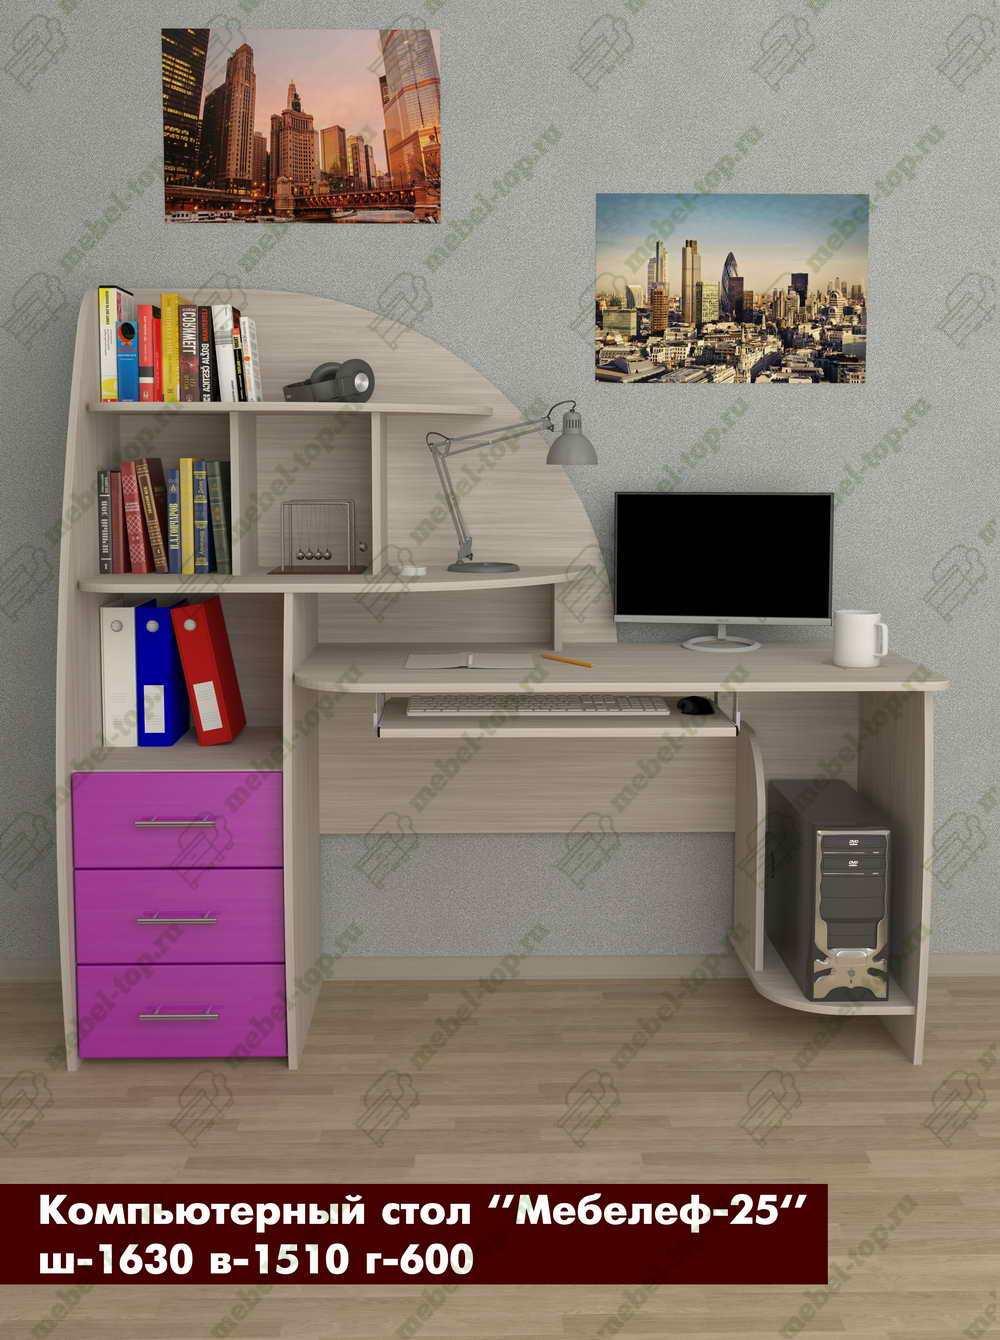 Компьютерный стол Мебелеф-25 компьютерный стол кс 20 30